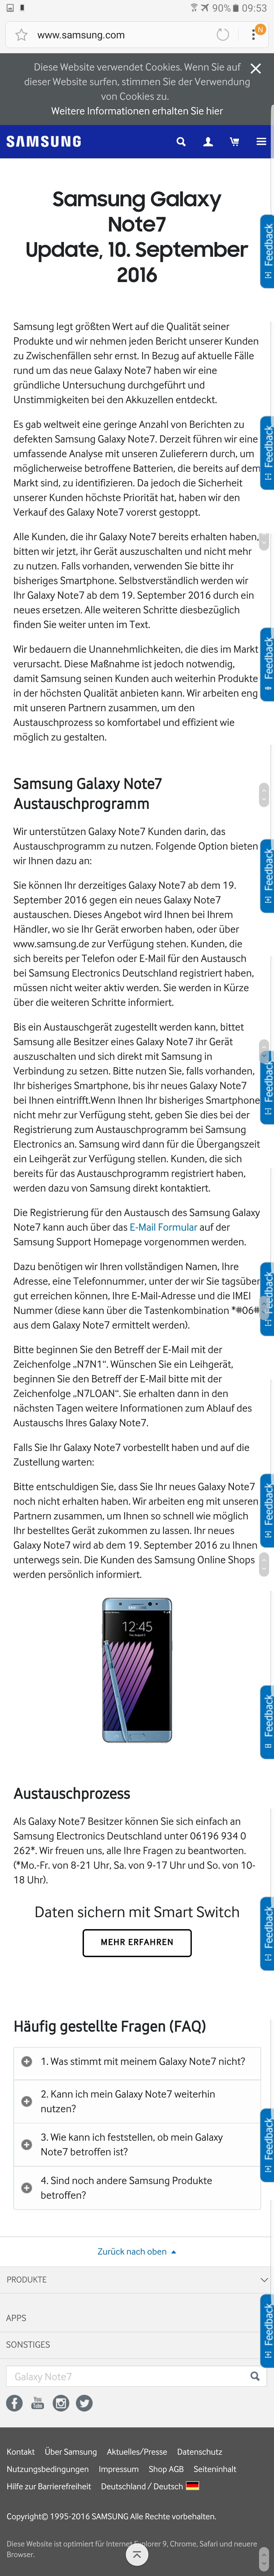 Mit dem Galaxy Note 7 SM N930F korrigiert Samsung seine Strategie aus dem Vorjahr und bringt das Phablet nun auch wieder in Europa auf den Markt